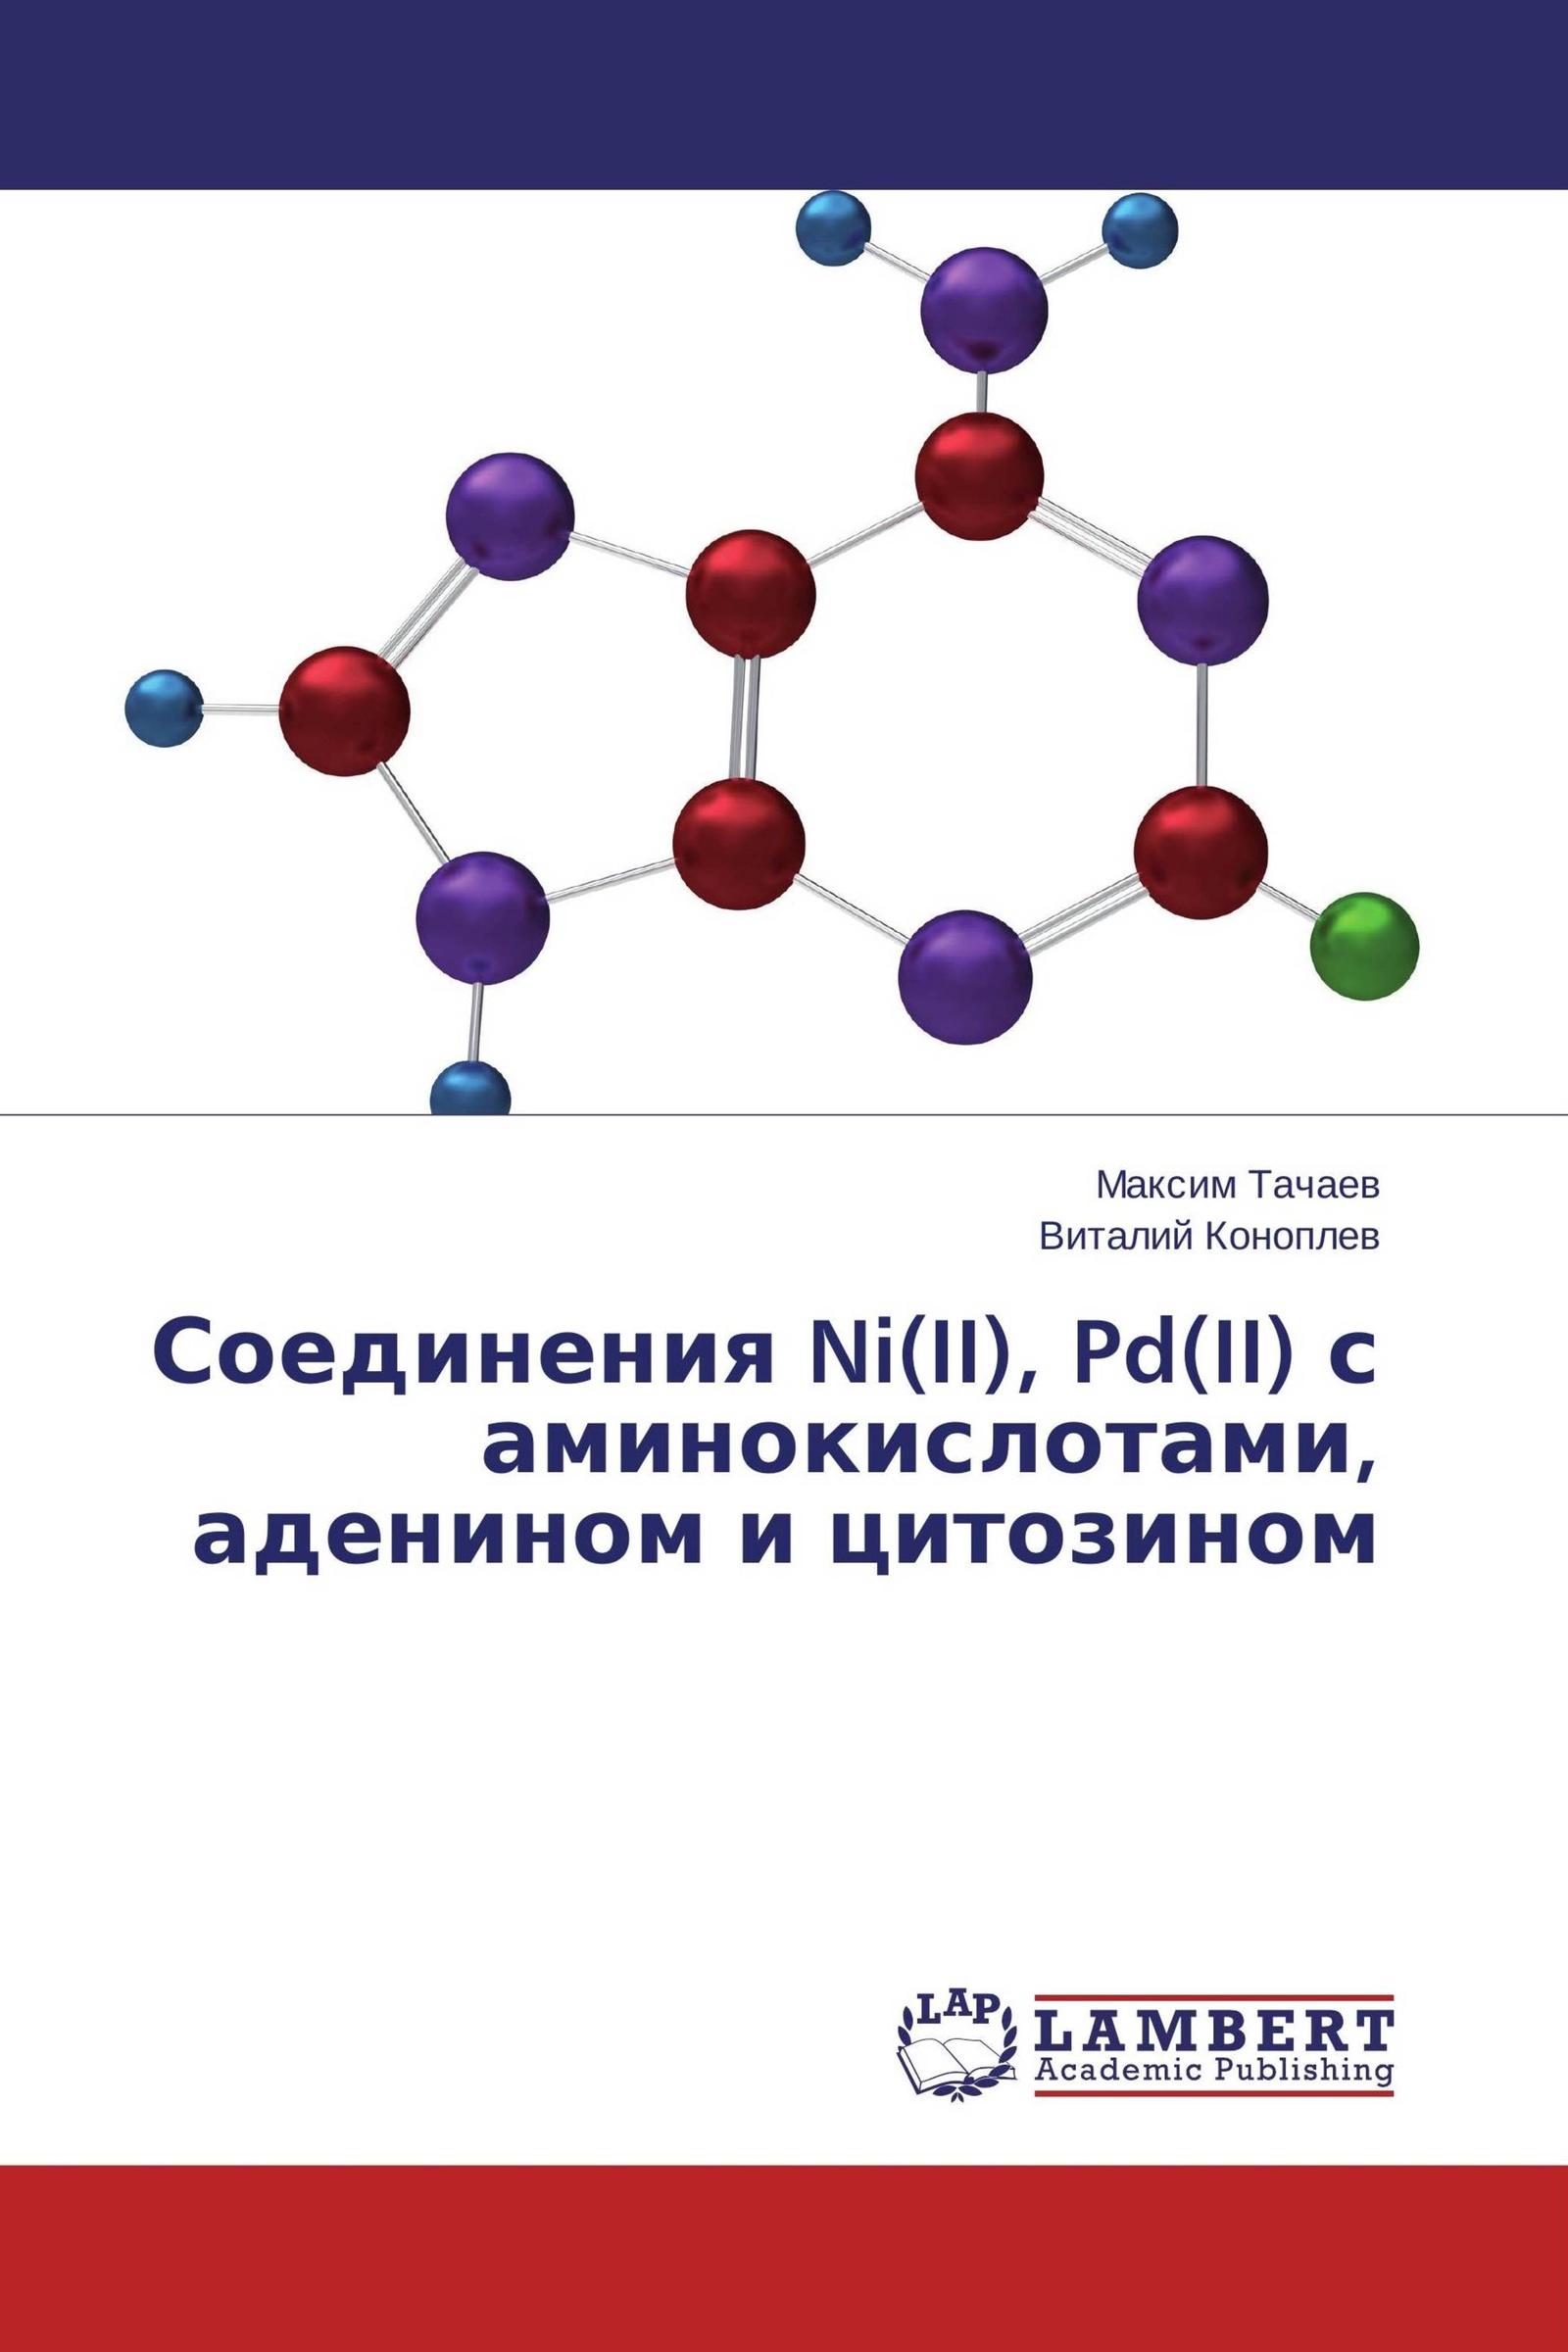 Соединения Ni(II), Pd(II) с аминокислотами, аденином и цитозином